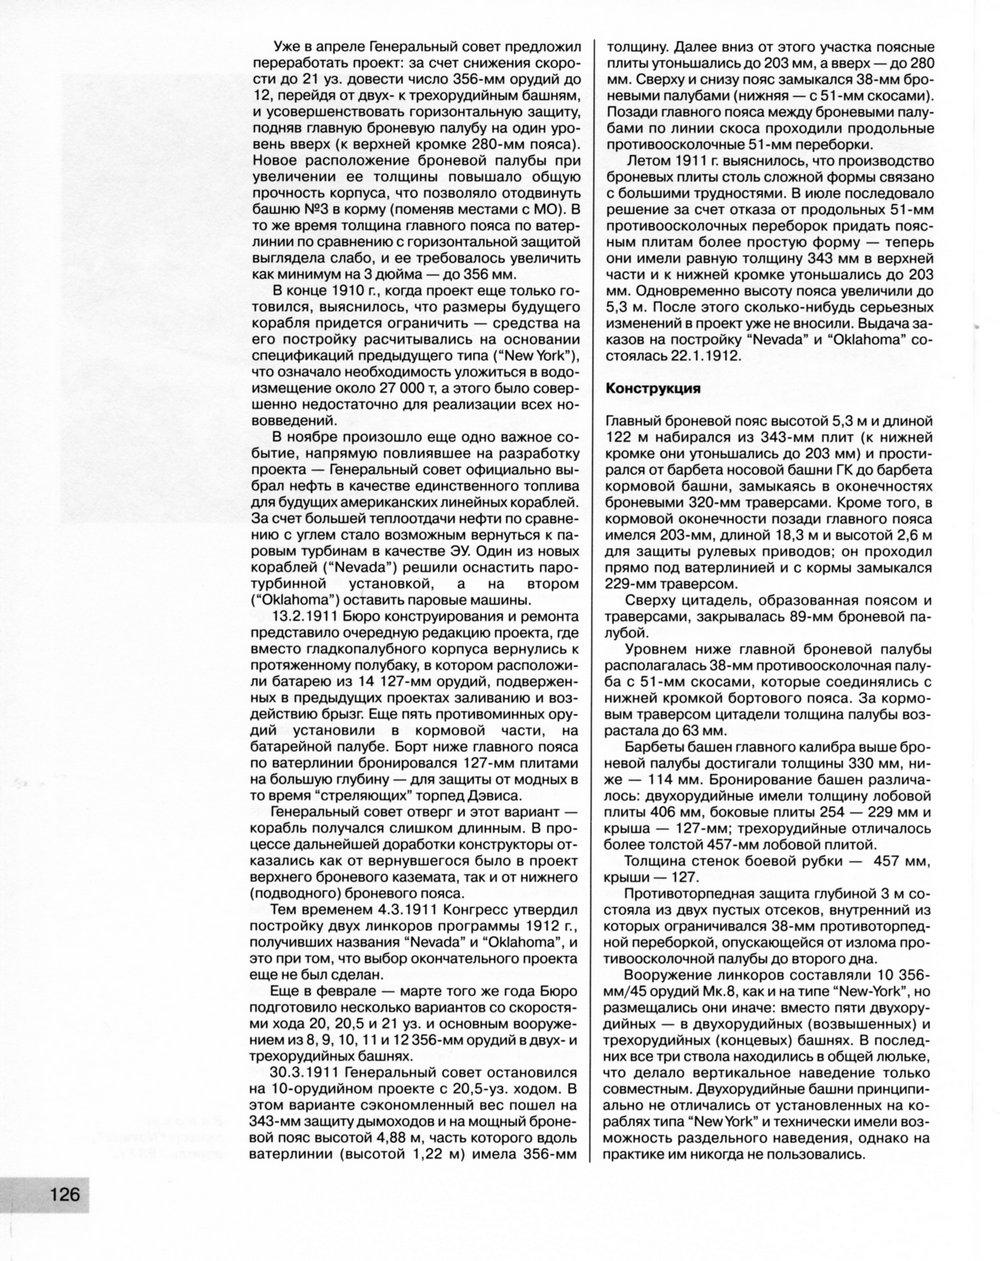 http://images.vfl.ru/ii/1365078254/32895bf4/2080466.jpg